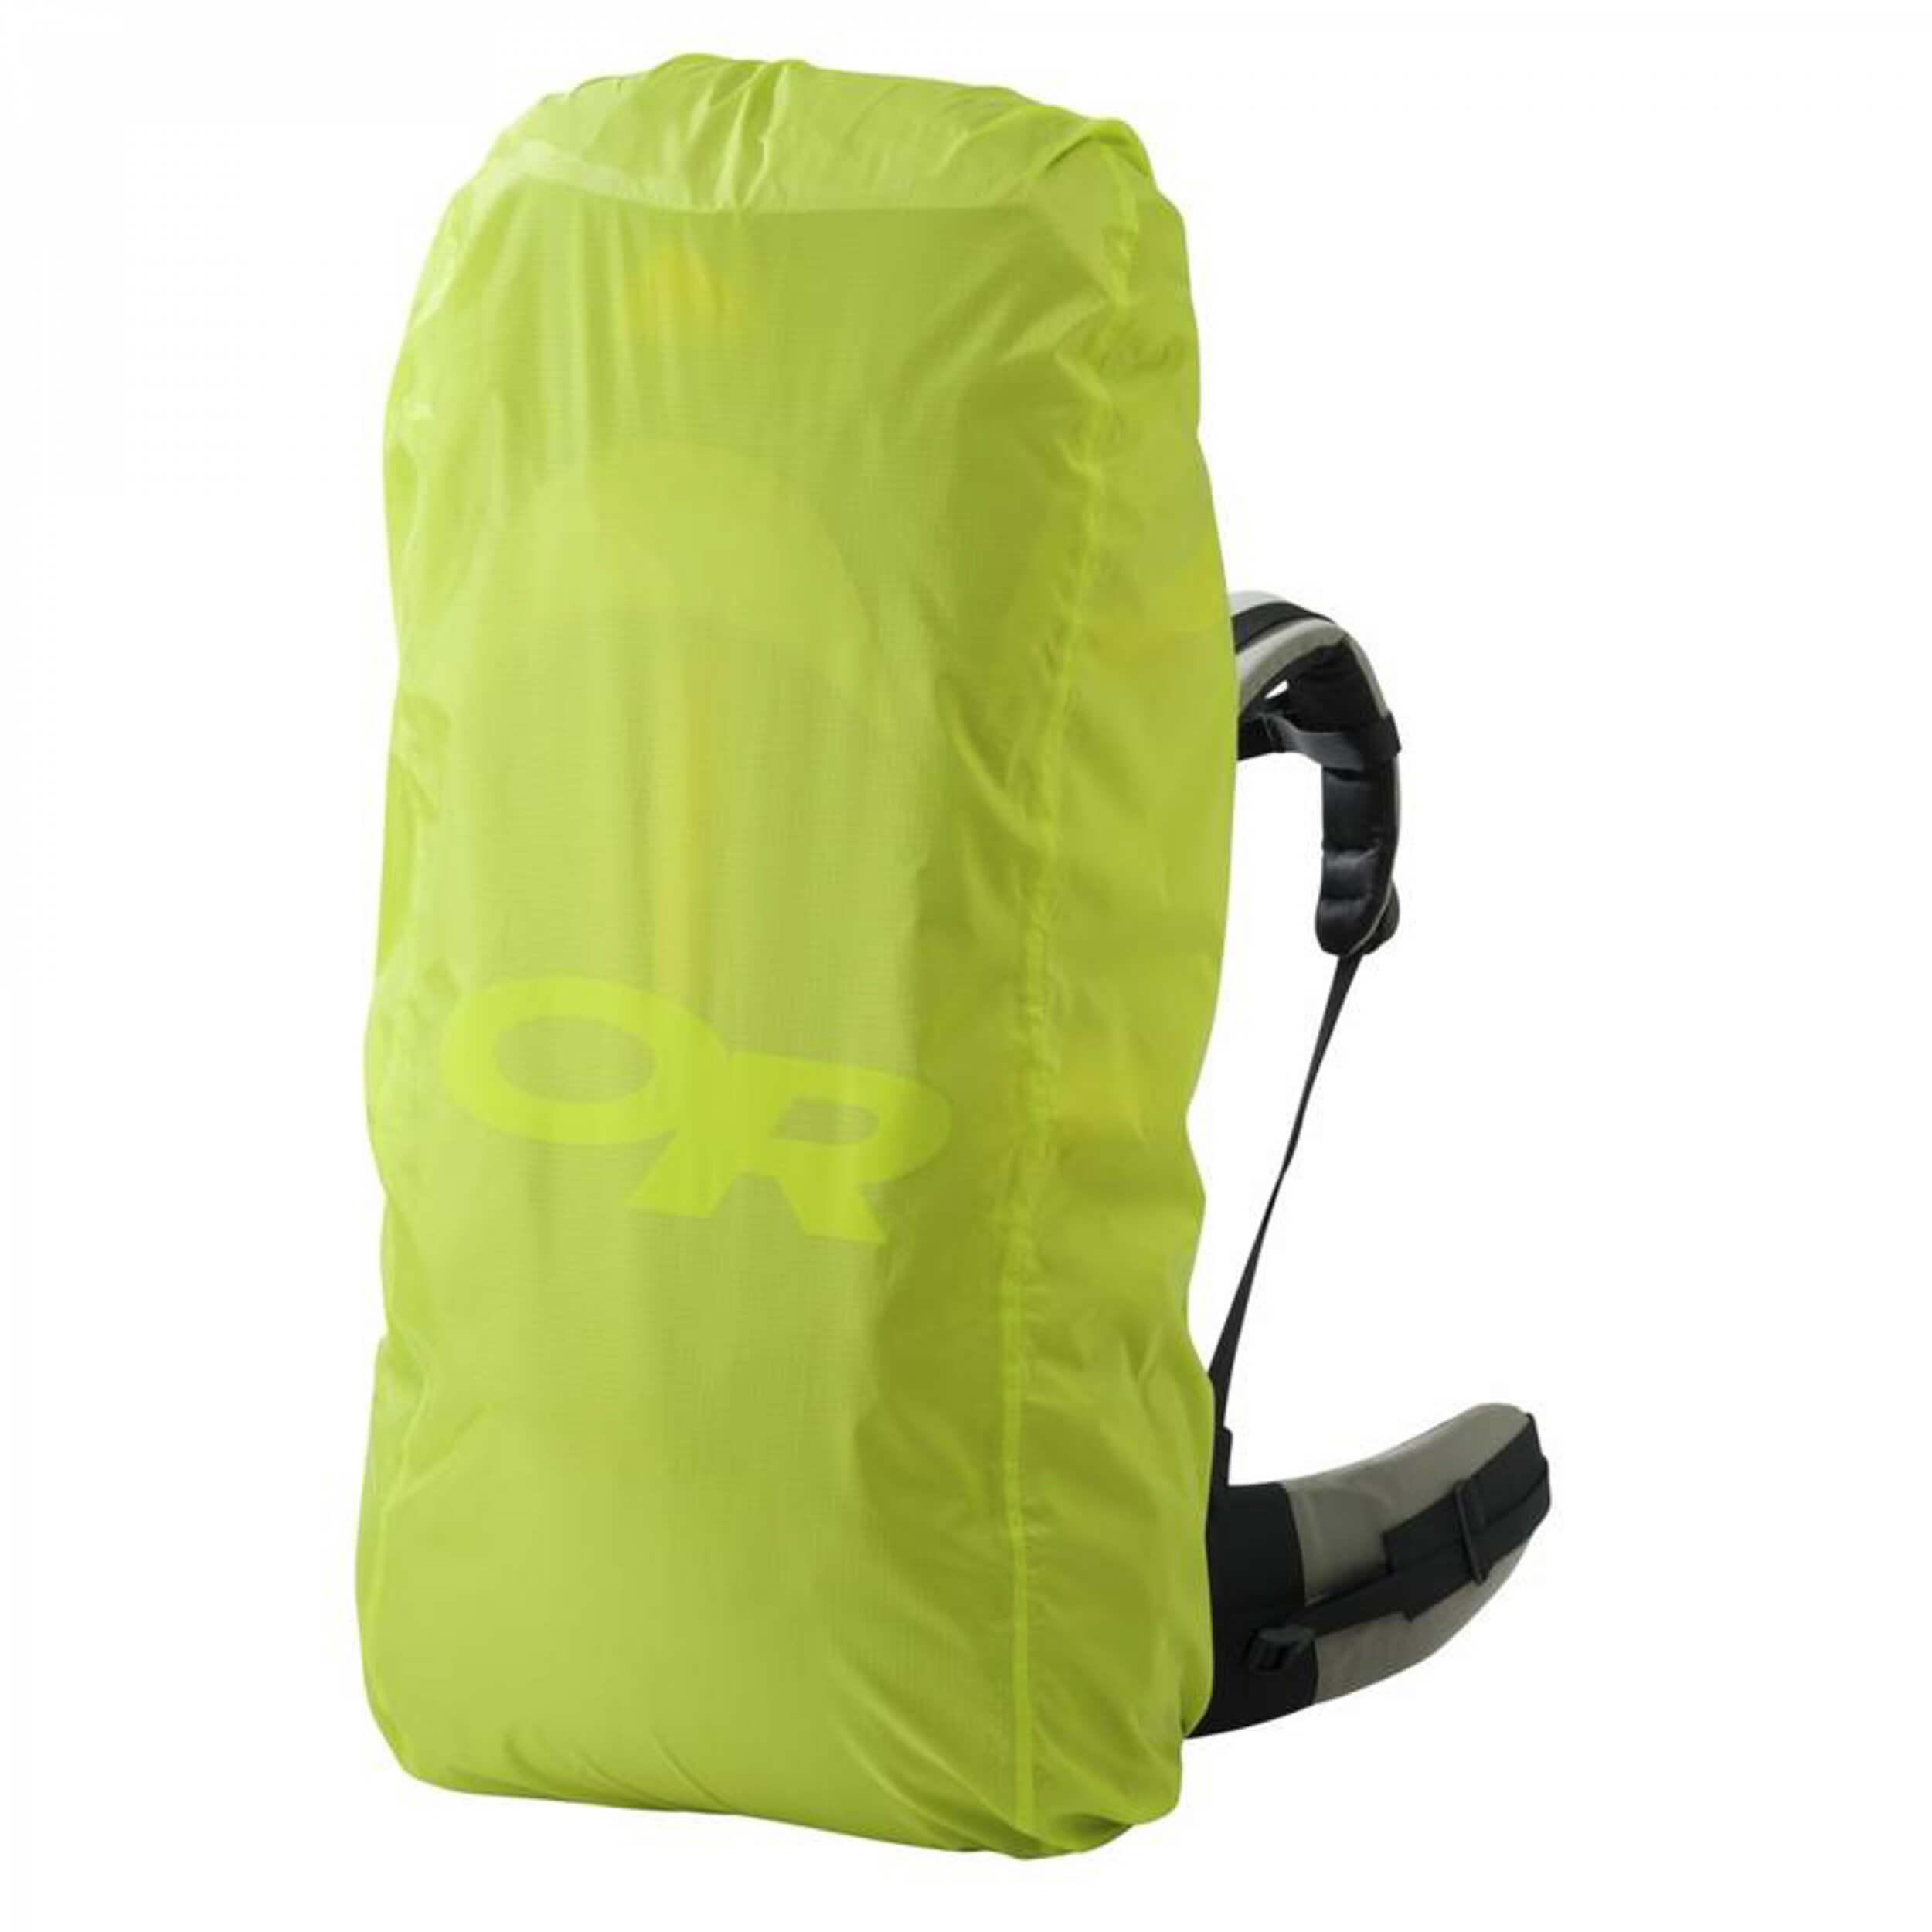 Outdoor Research Lightweight Pack Cover L lemongrass